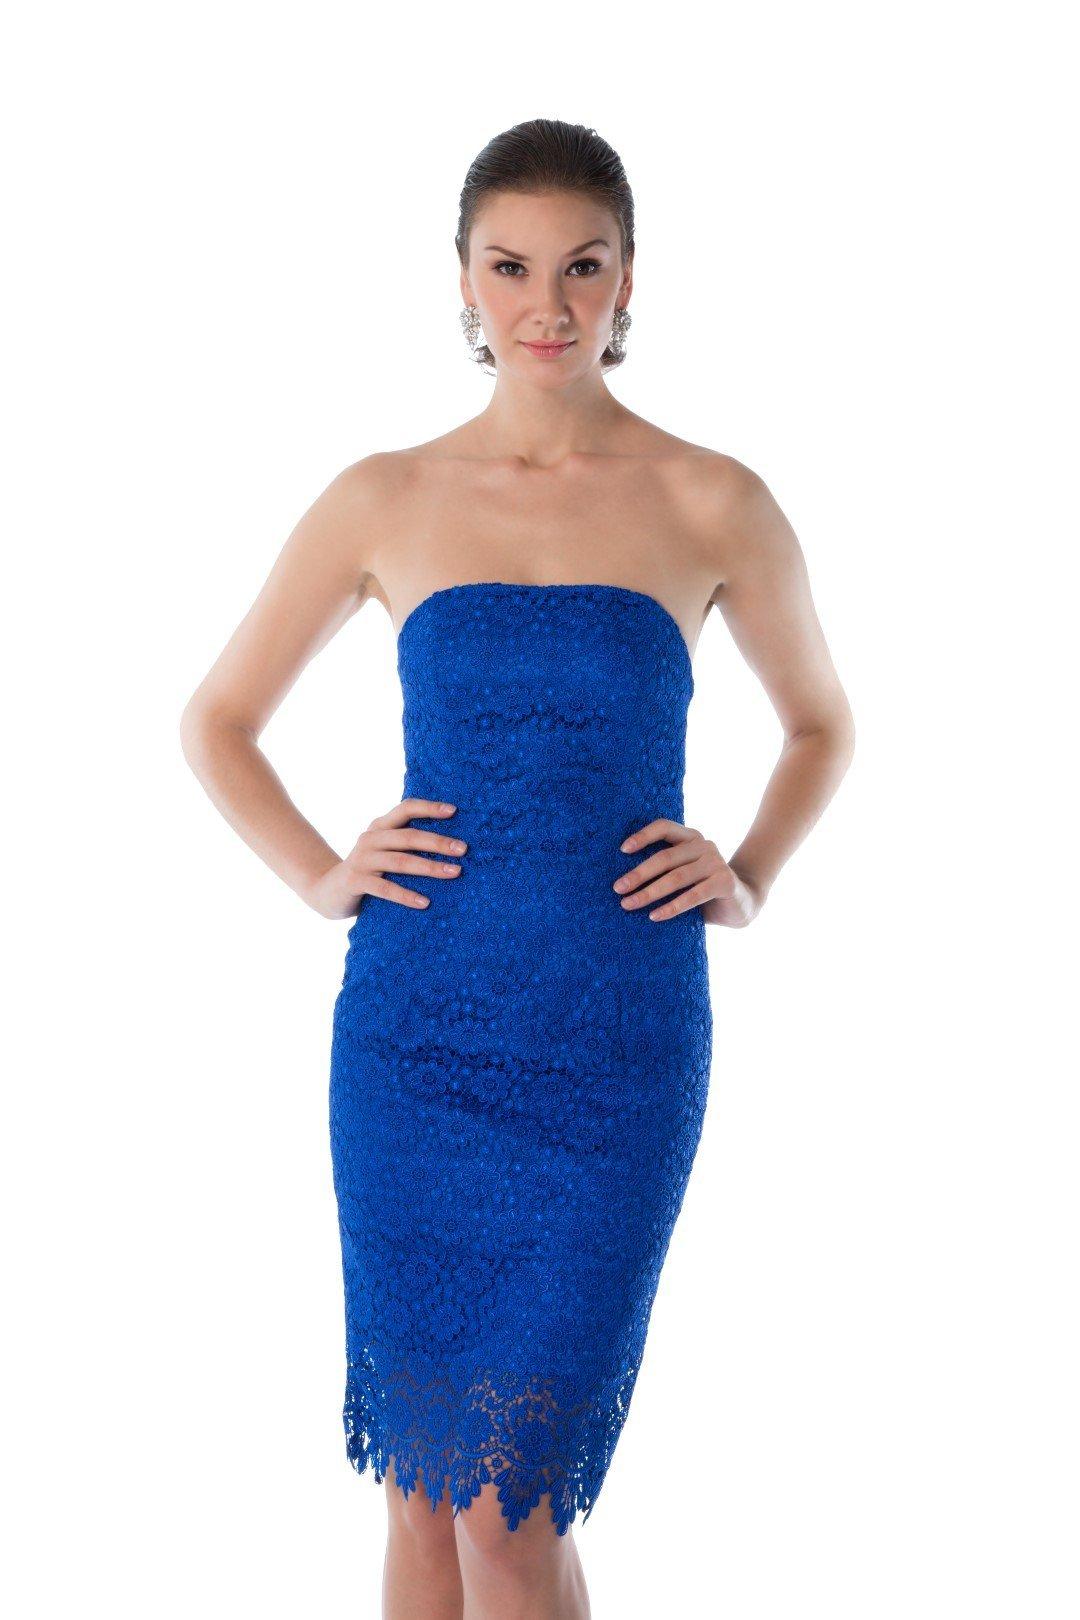 Recherché Blue Dress | ZuZa fashion